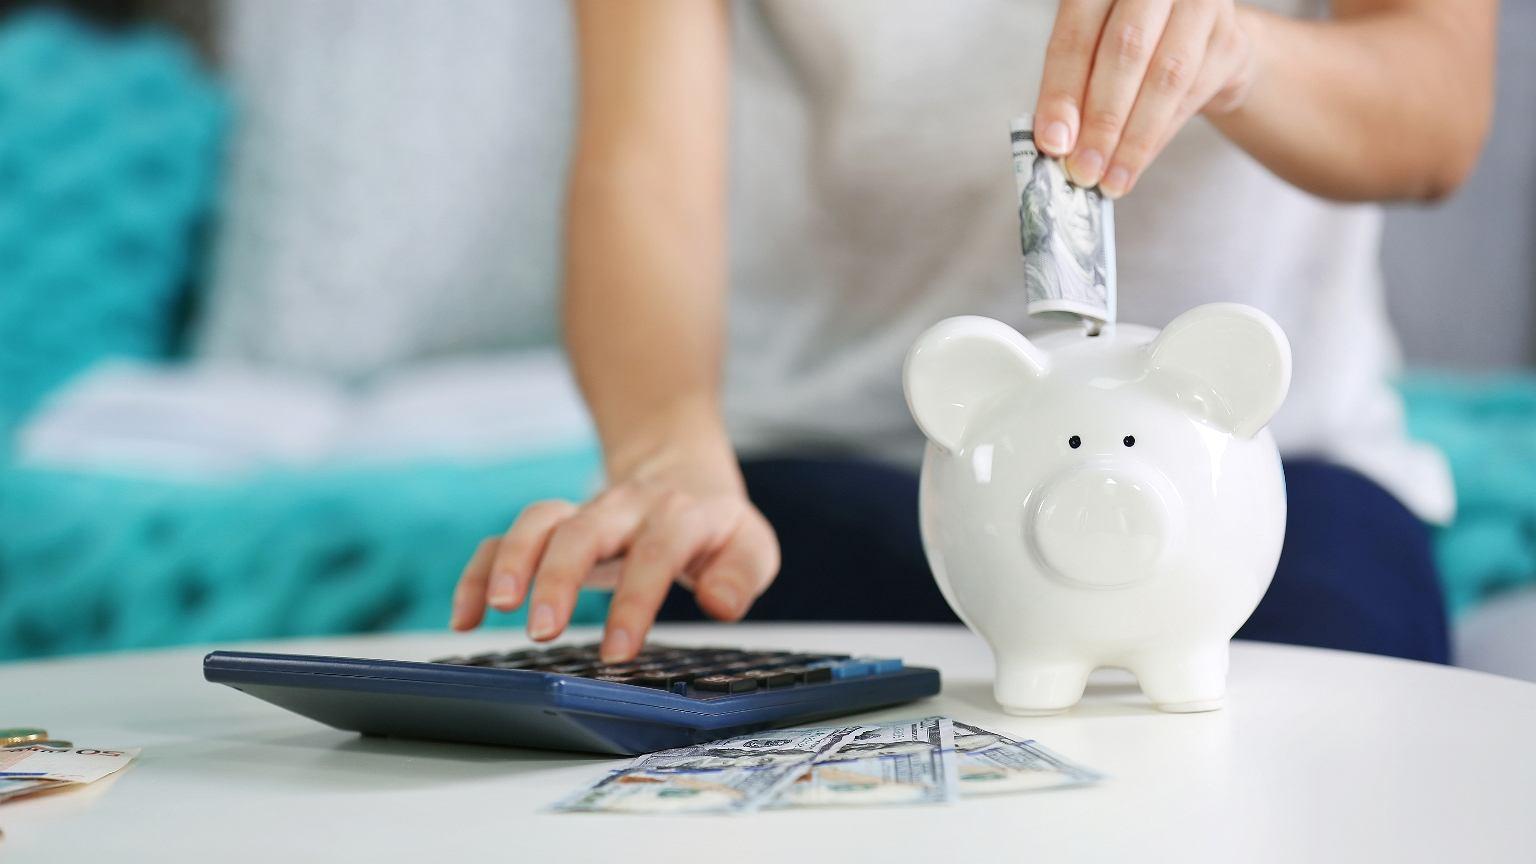 Nowoczesne metody oszczędzania dają więcej możliwości niż tradycyjna skarbonka